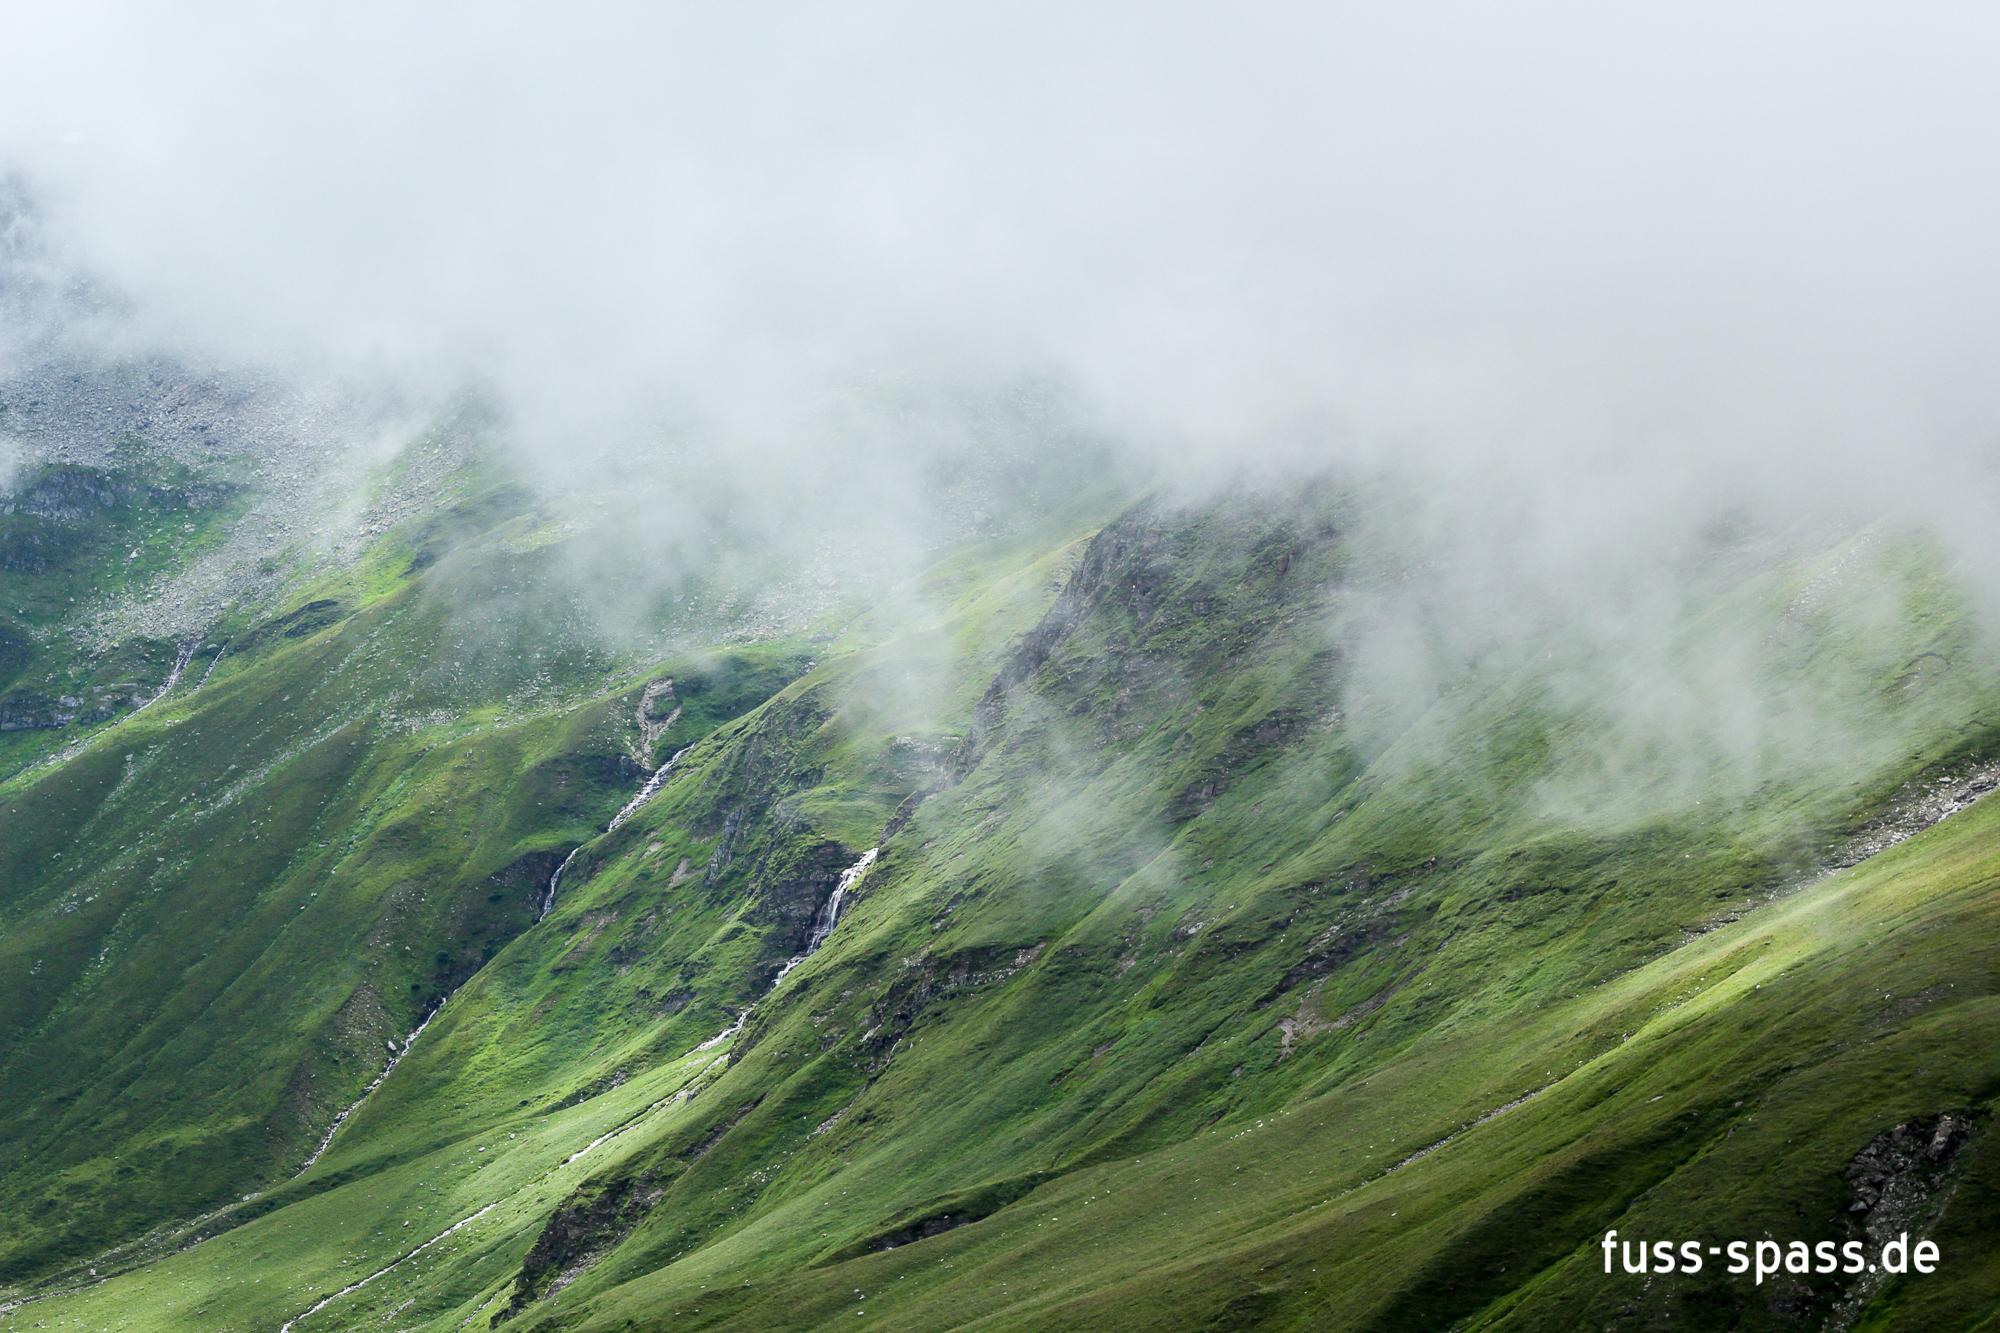 Bild der Woche: Tiefe Wolken